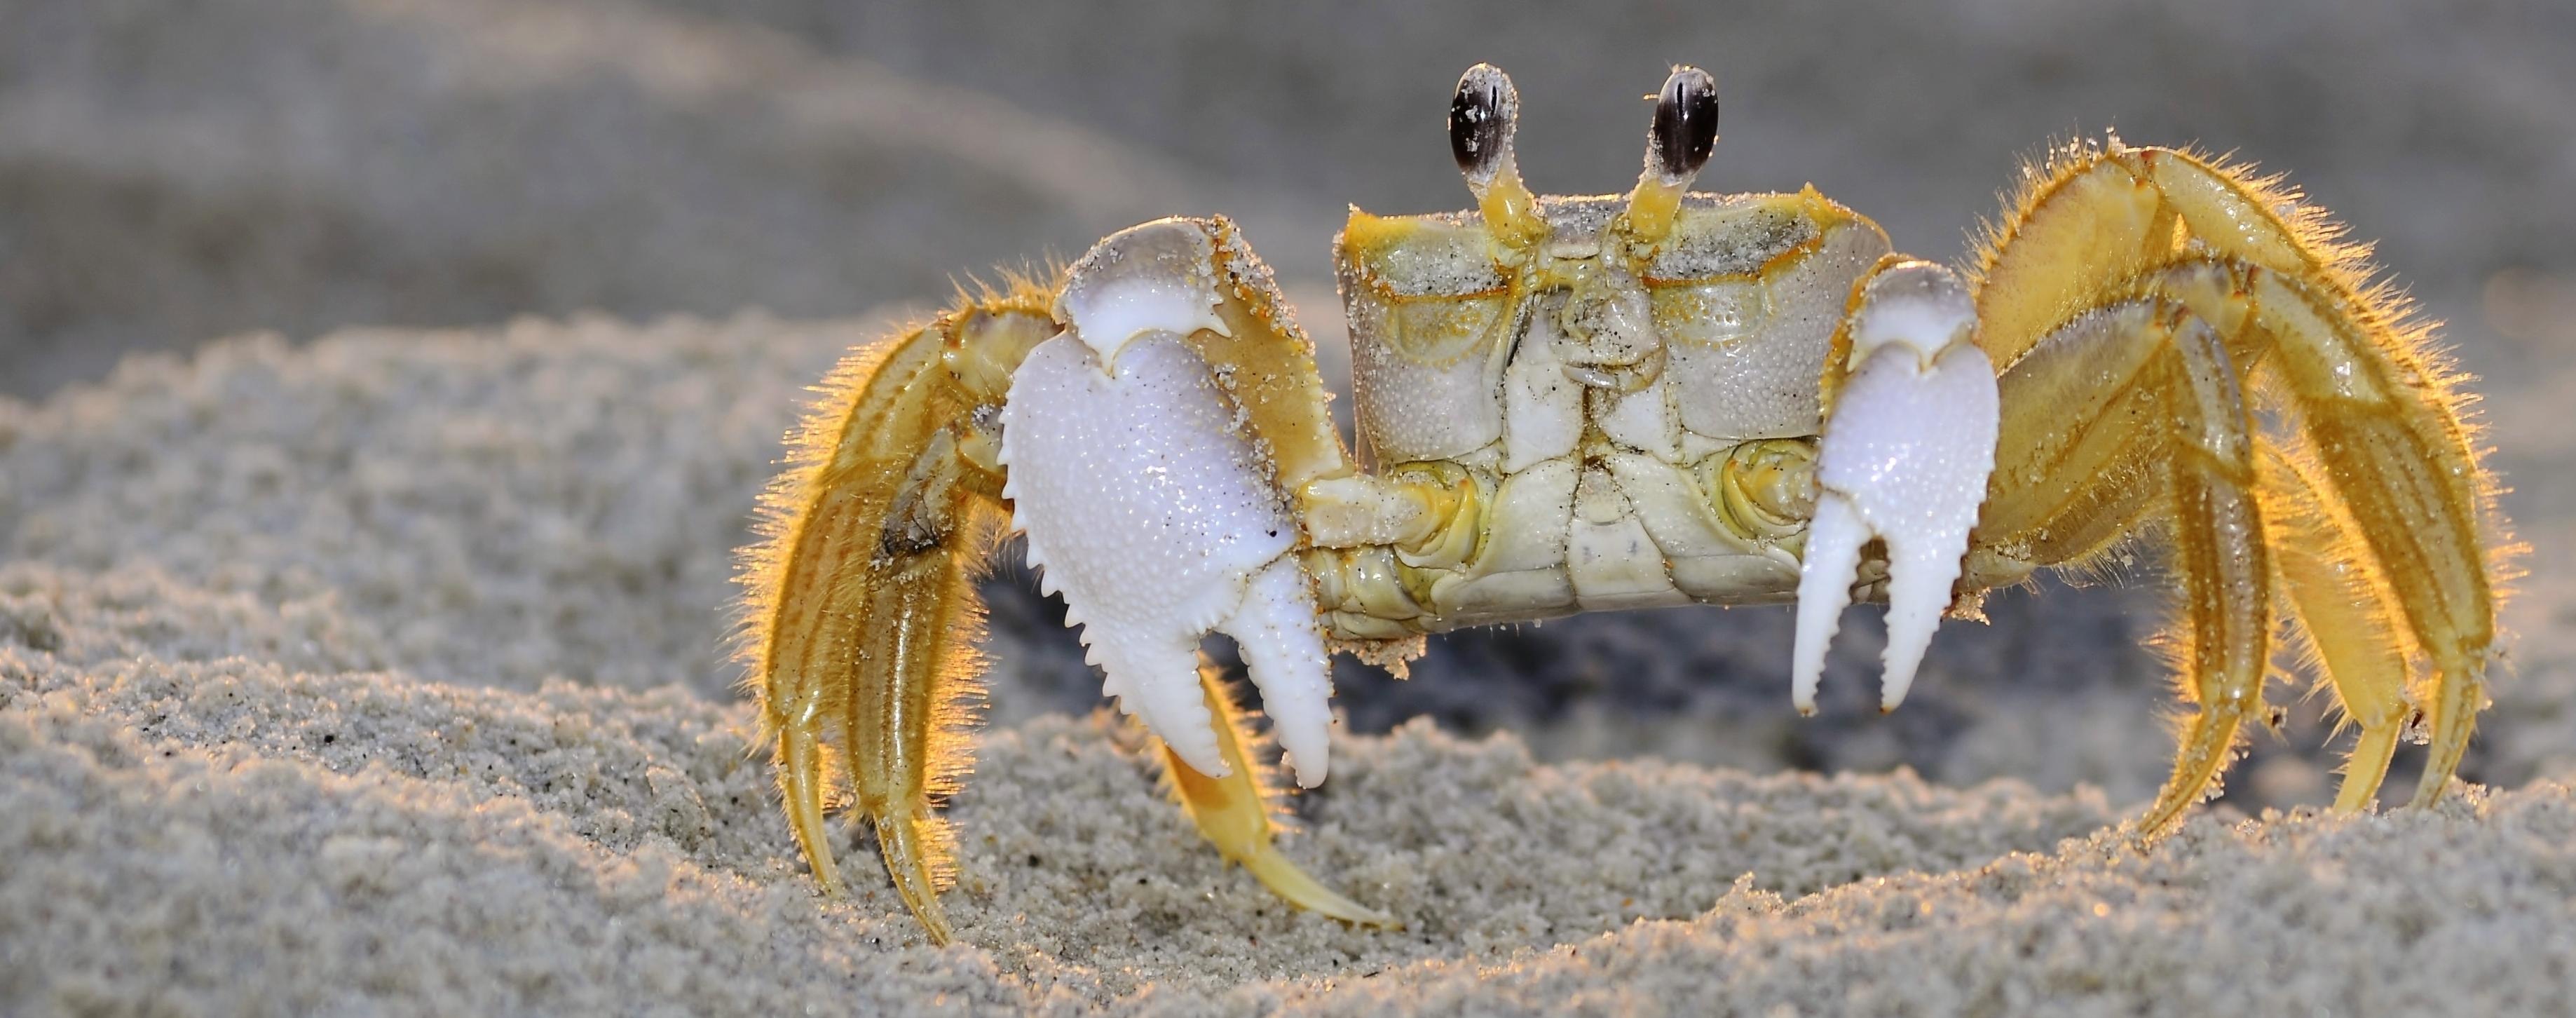 Image of Ocypodidae